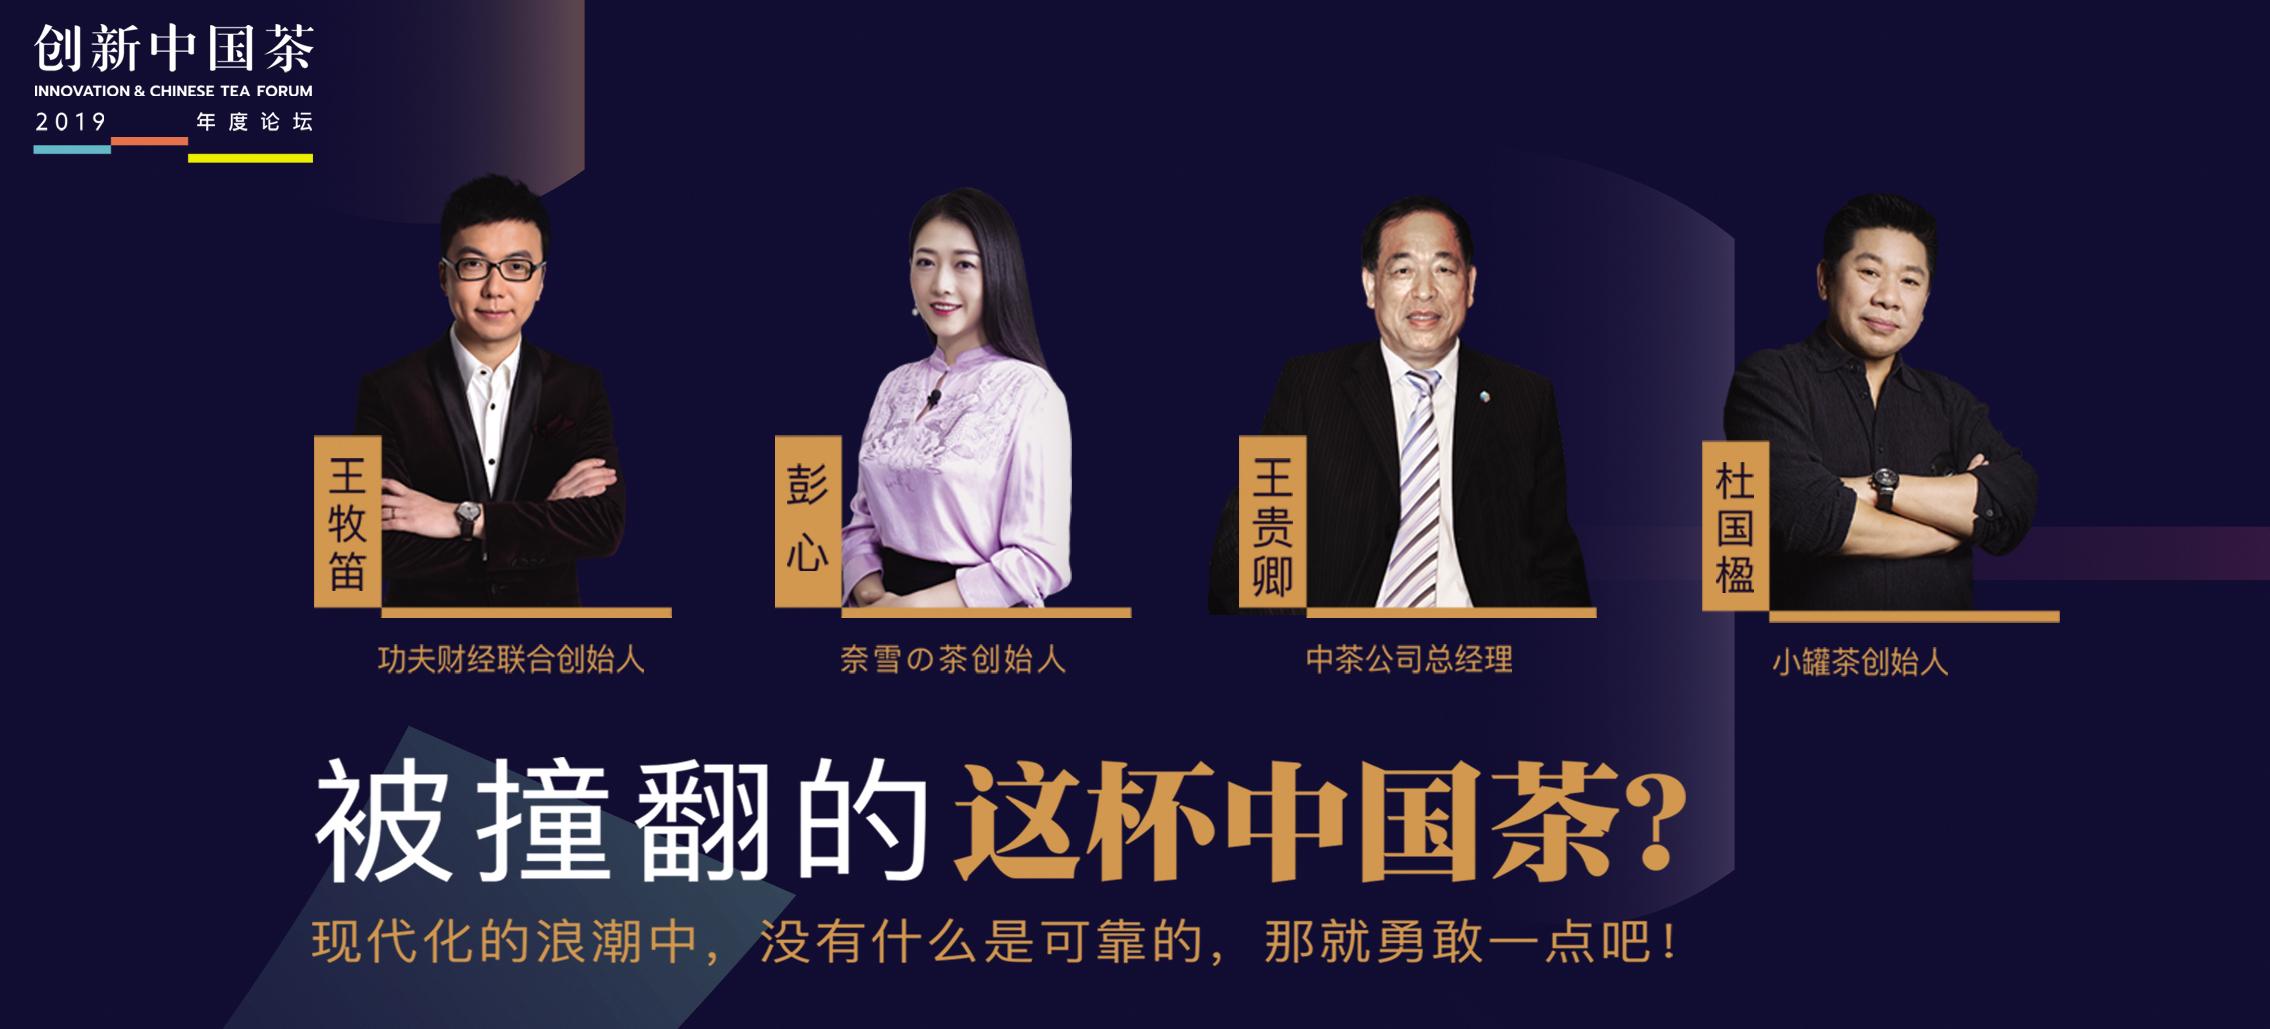 创新中国茶2019年度论坛